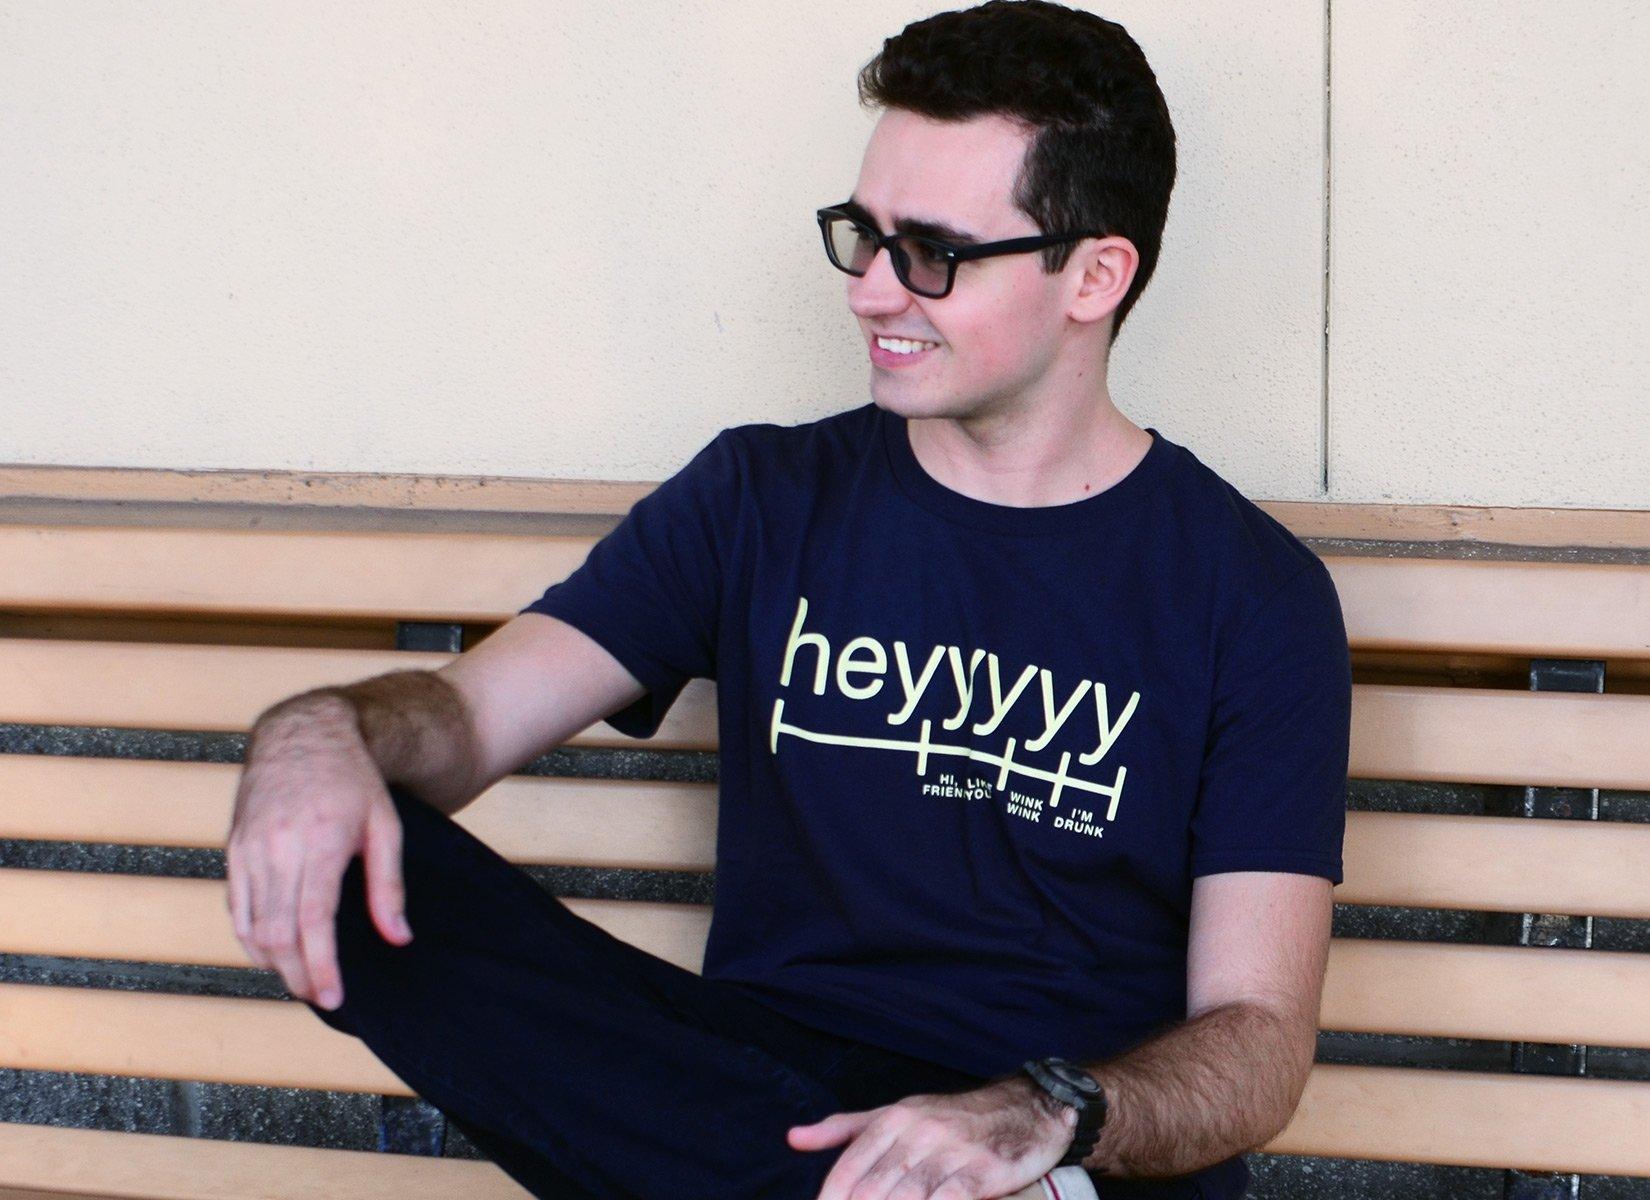 Heyyyyy on Mens T-Shirt